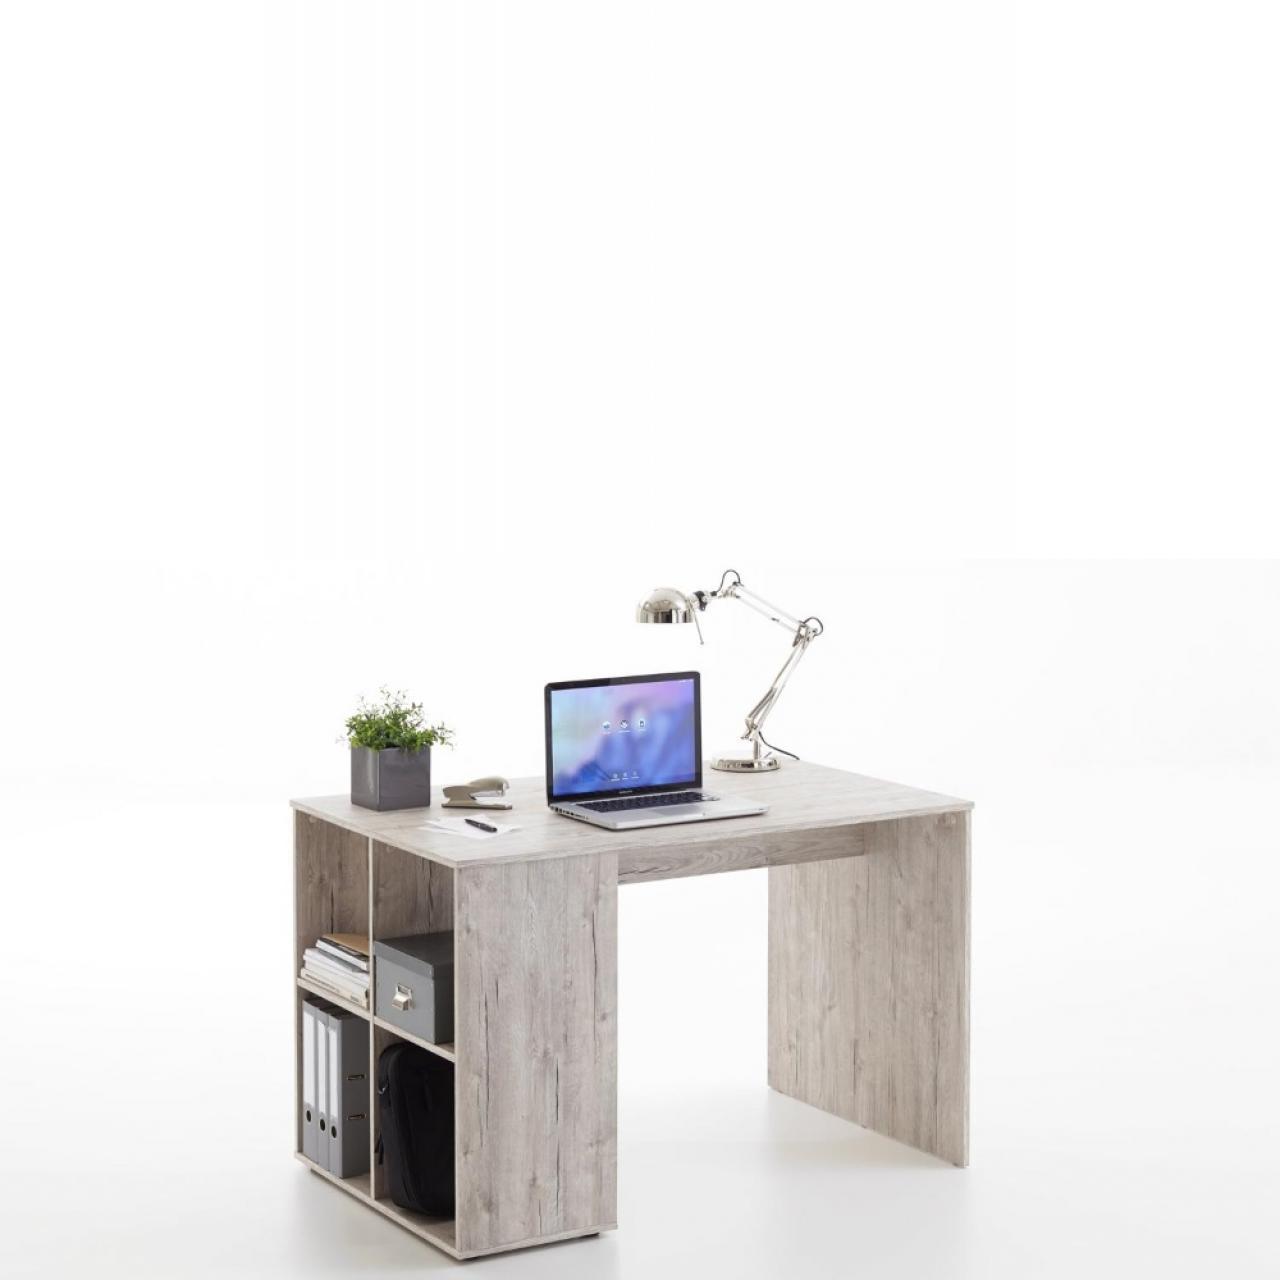 Sandeiche trendy bl forte mbel sideboard atrium in weiss for Design couchtisch jandia